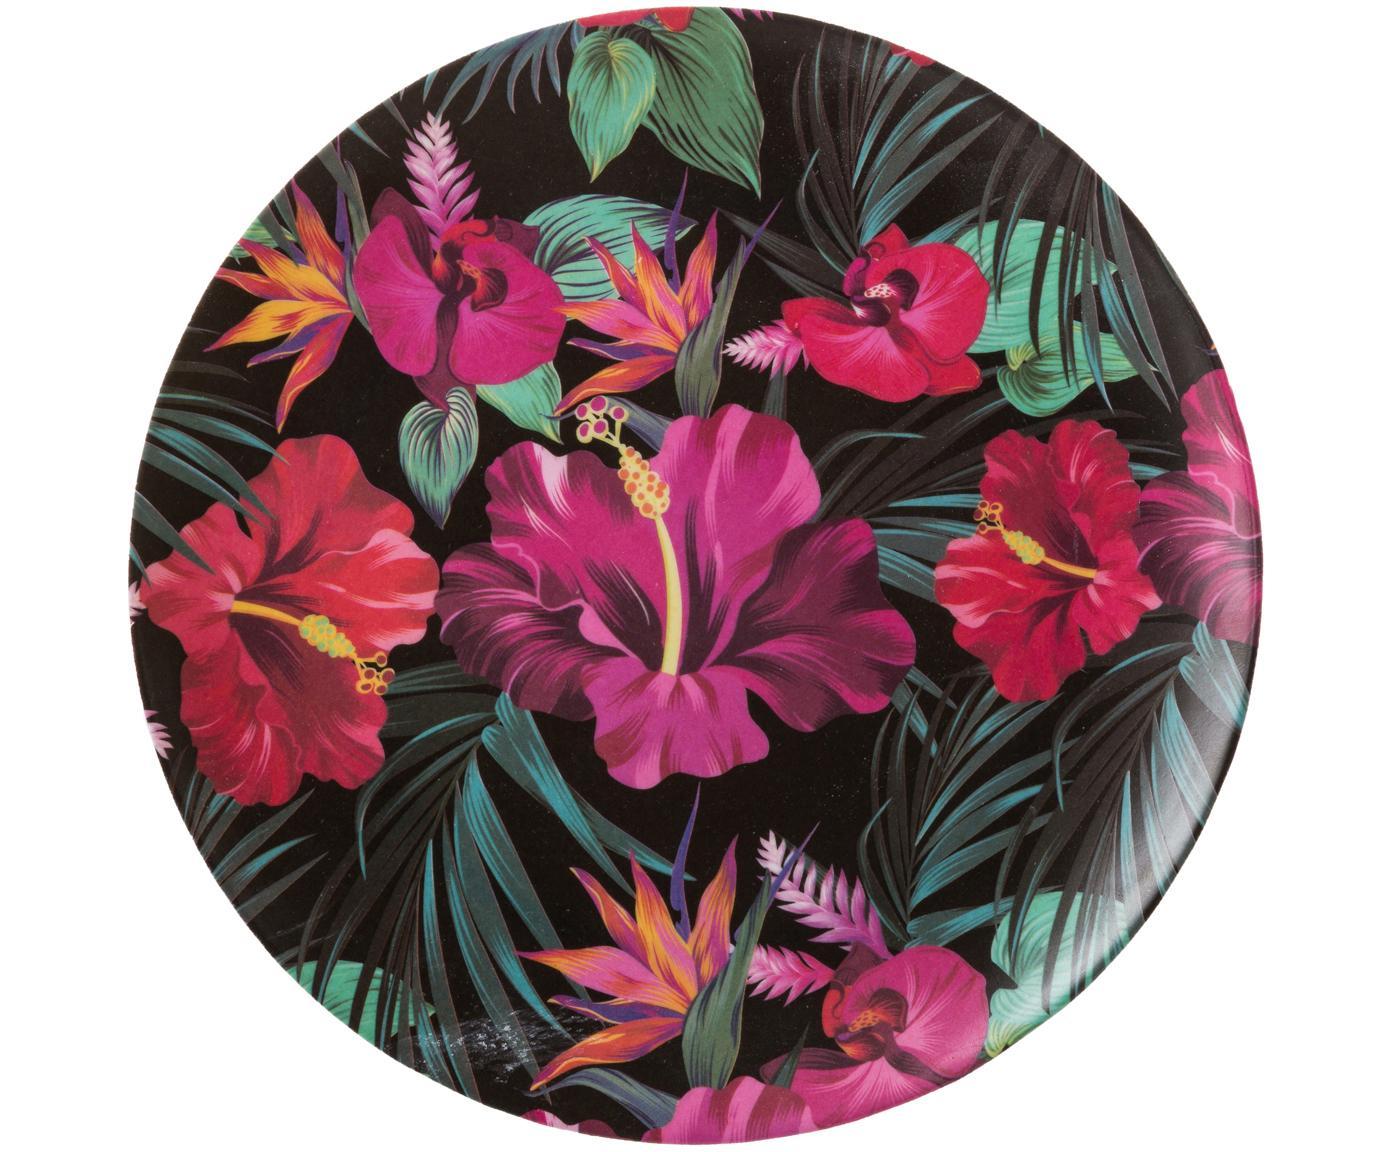 Plato postre de bambú Tropical Flower, 55%fibras de bambú, 25%almidón de maíz, 15%melamina, Tonos verdes, tonos fucsias, rojo, blanco, Ø 20 cm